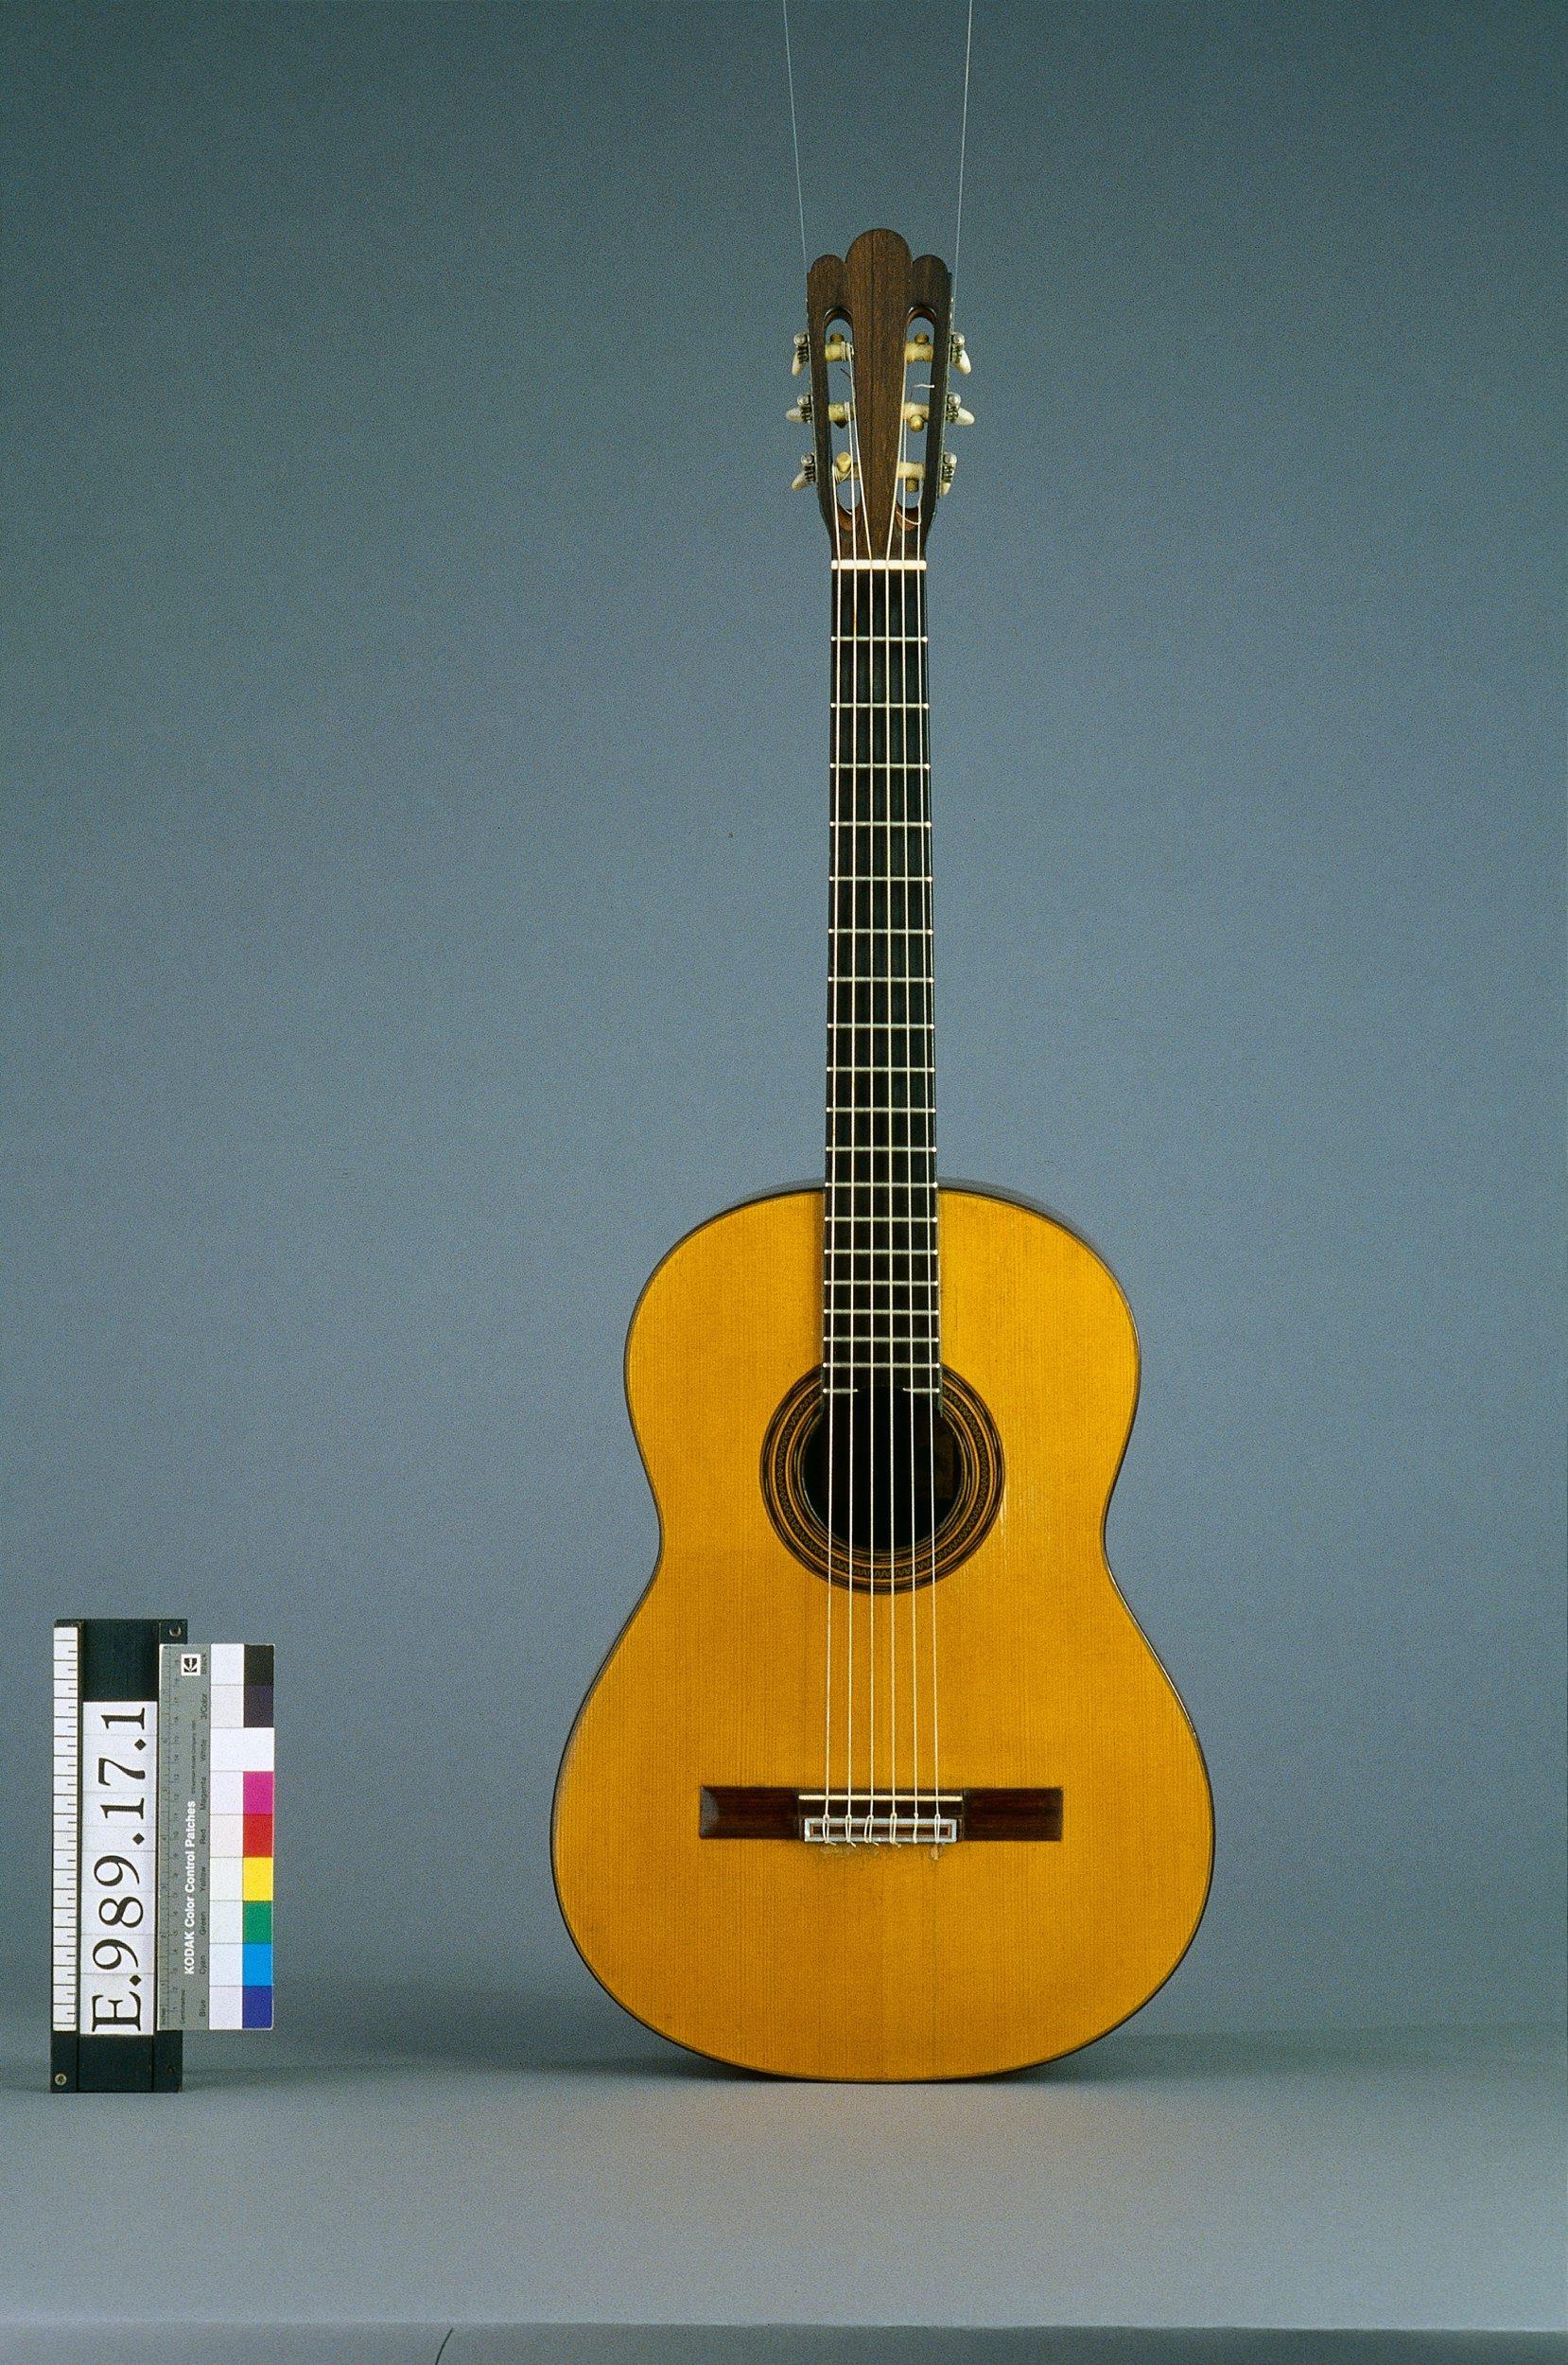 Guitare   Enrique Garcia